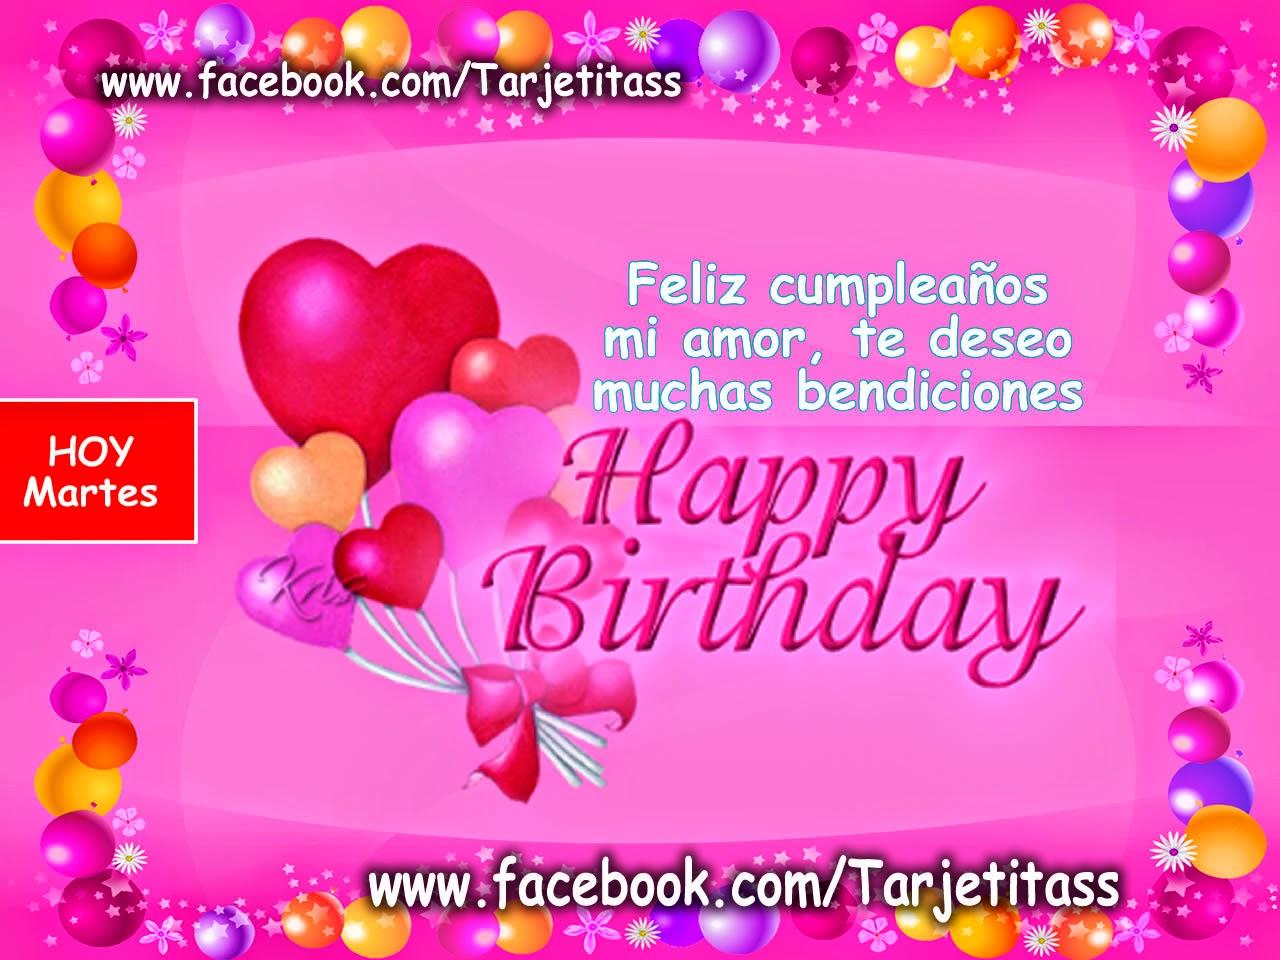 Tarjetas de Cumpleaños Postales animadas gratis de  - Tarjetas De Feliz Cumpleaños Mi Amor